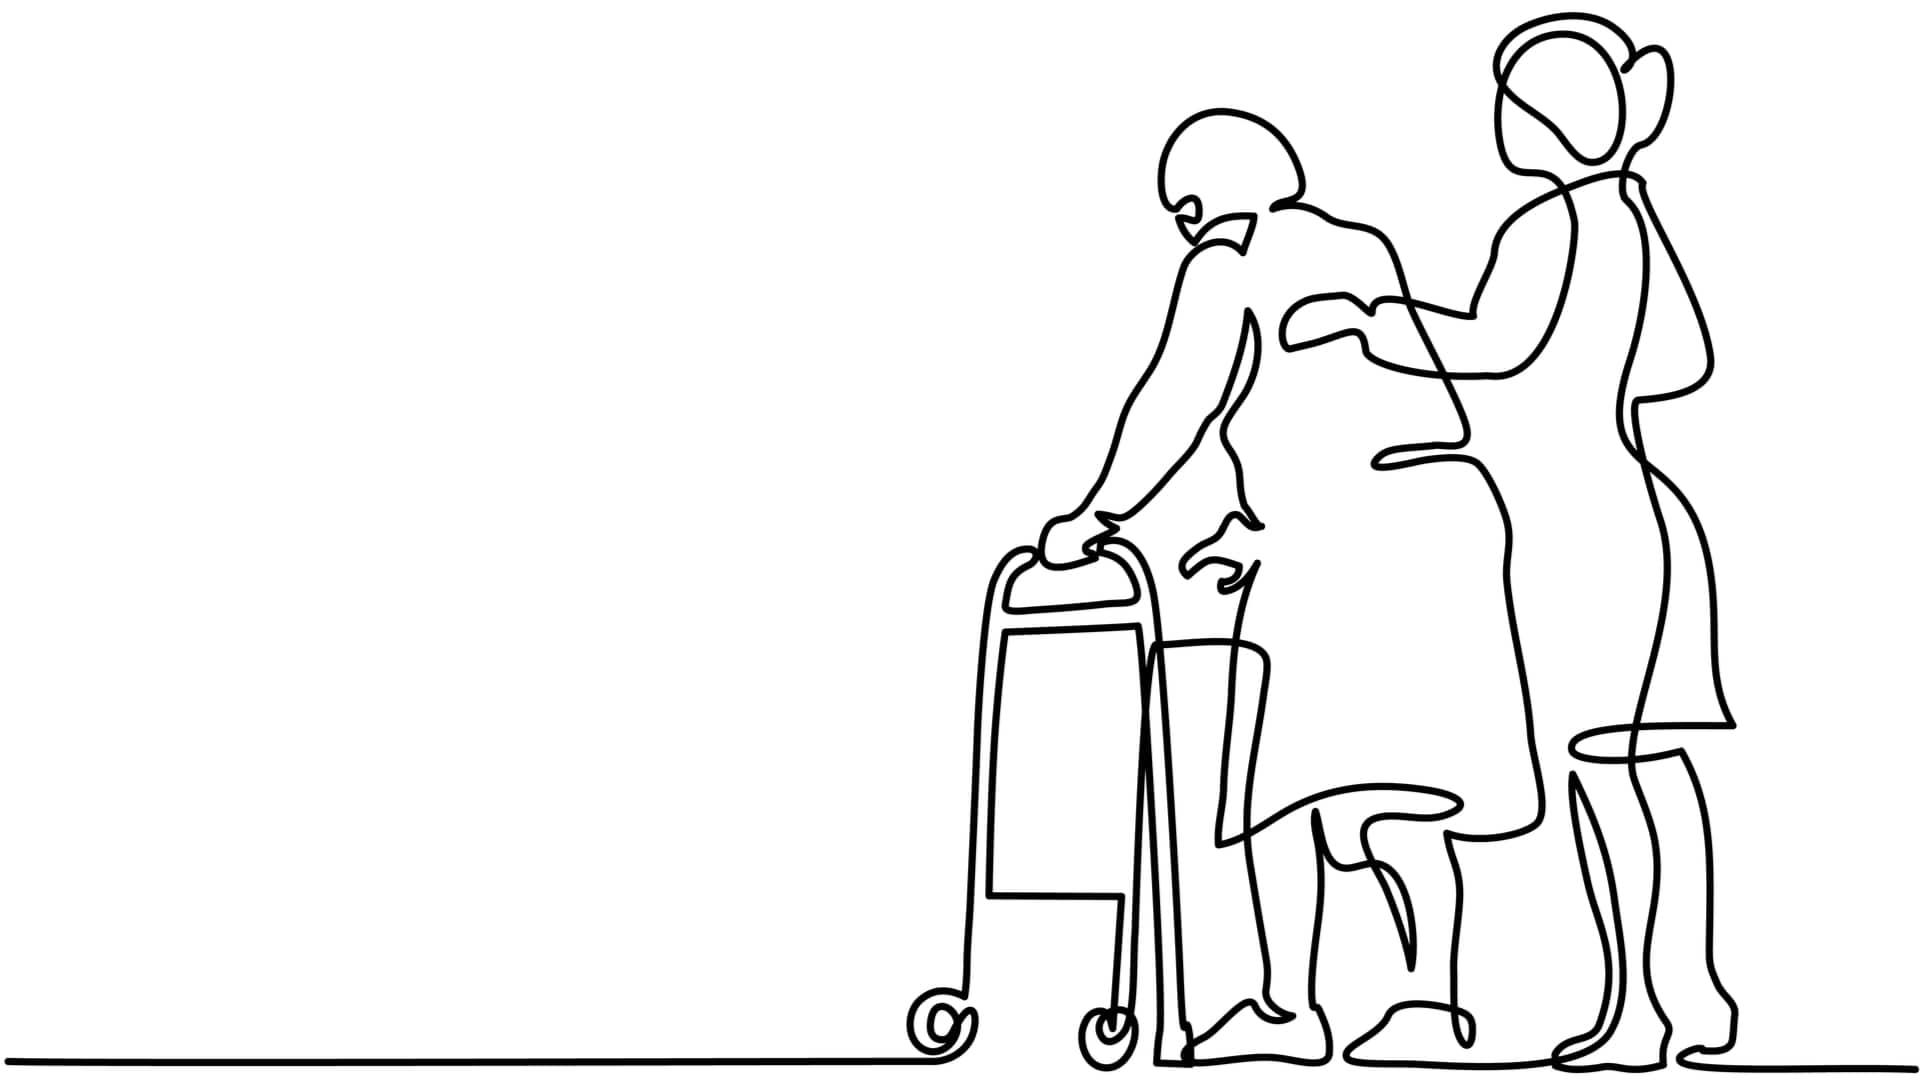 【加算ランキング】総合医学管理加算とは?基礎から解説!